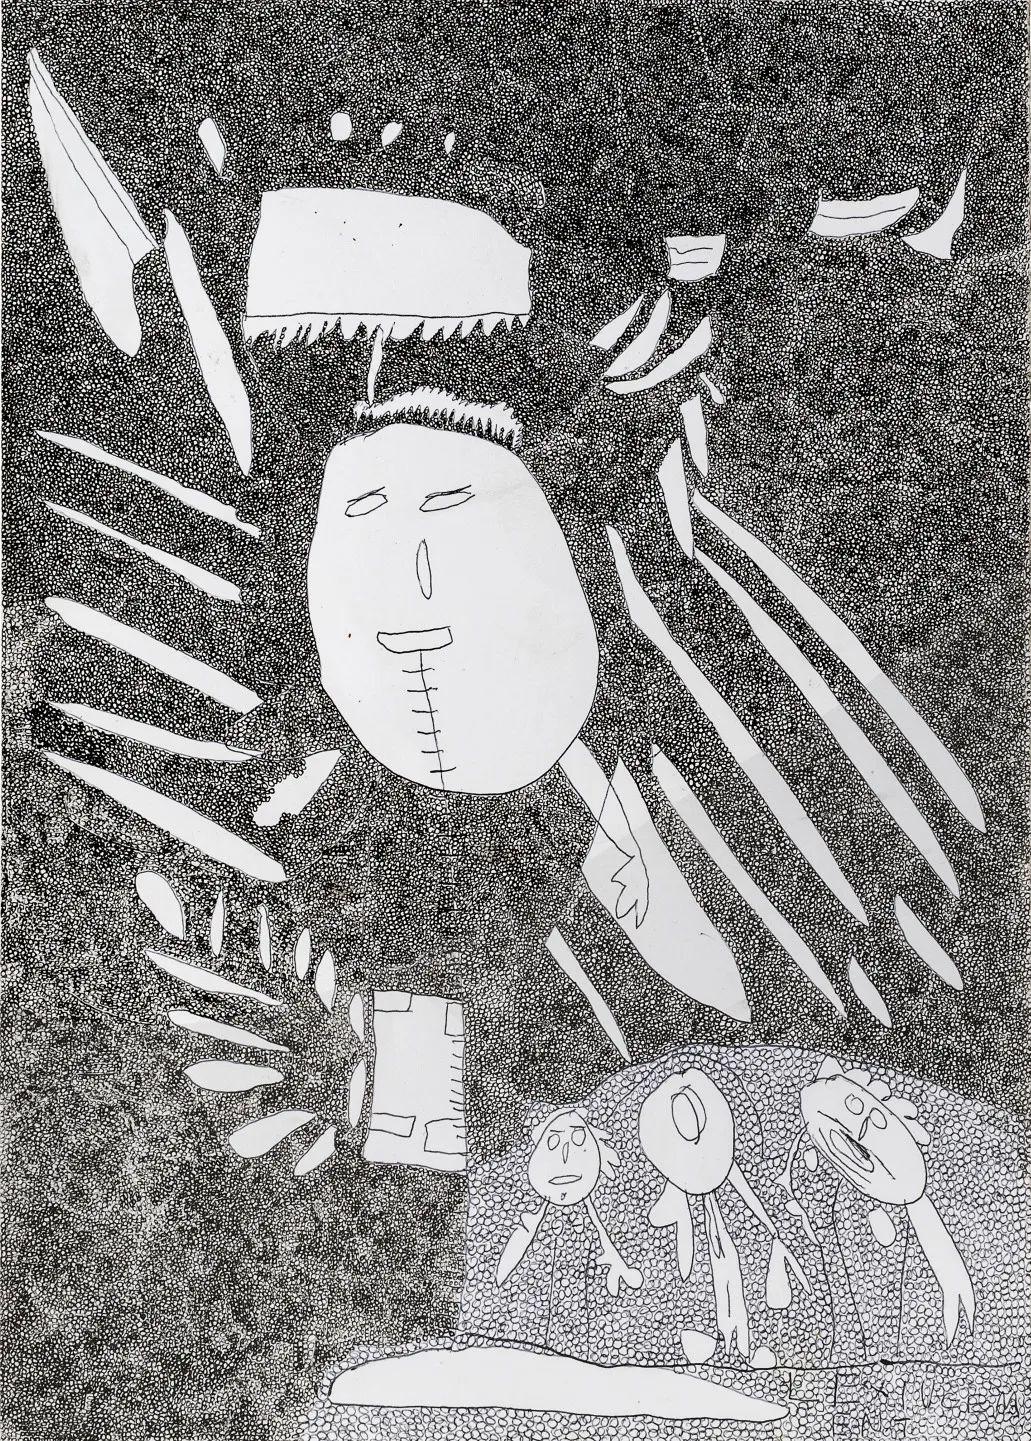 玛丽亚·拉帕斯托拉,《无题》,2019,纸上细水彩笔,30 x 21 cm。艺术家供图。